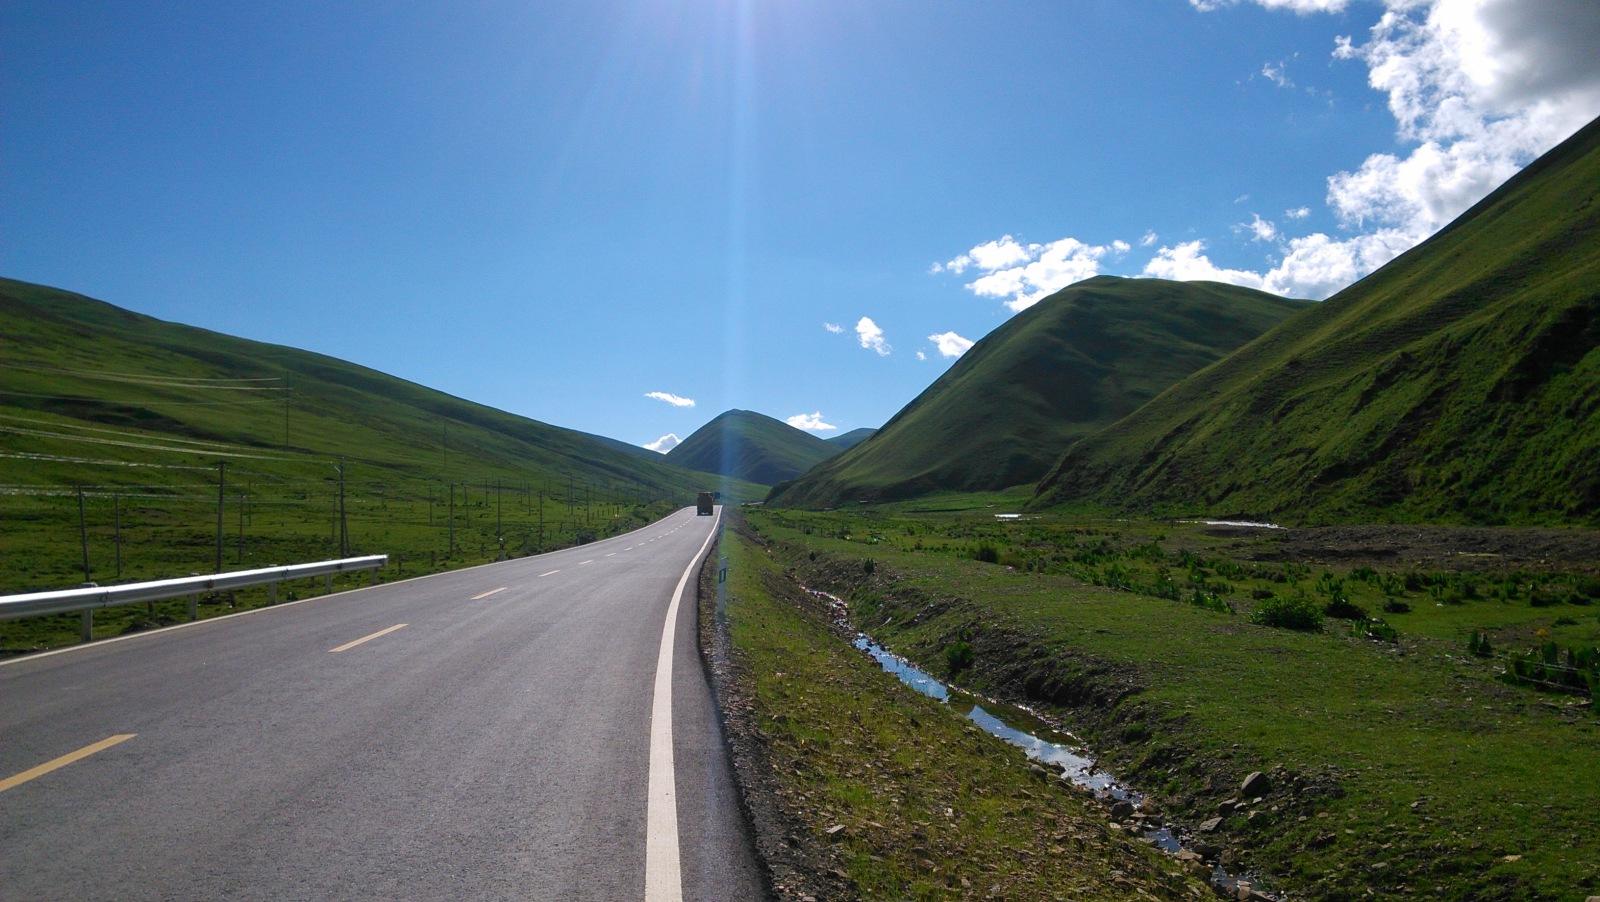 前面一马平川过去就是最后一座山了,敞开了骑吧,别管什么累啊渴的:D